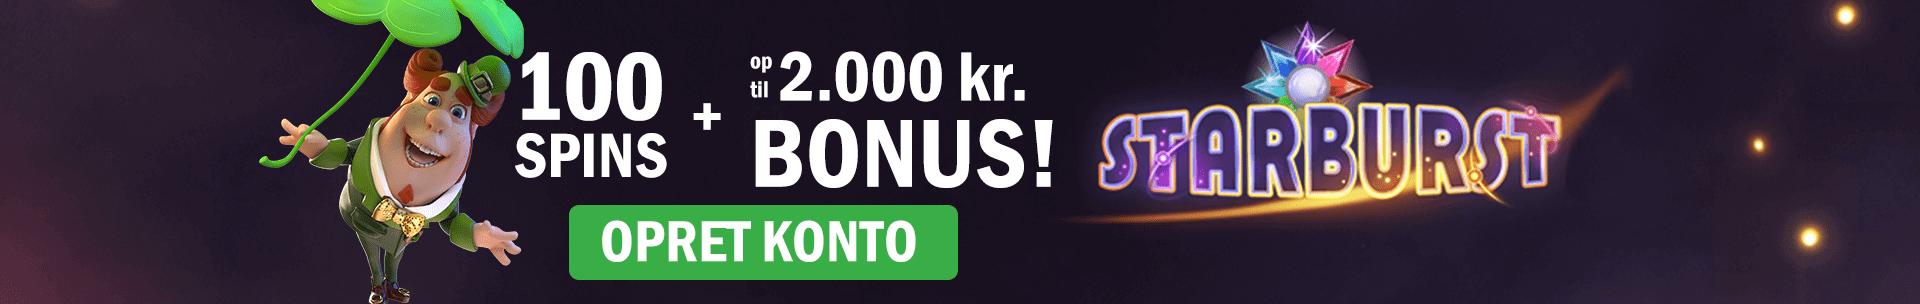 Få 100 gratis spins hos Casinosjov.dk